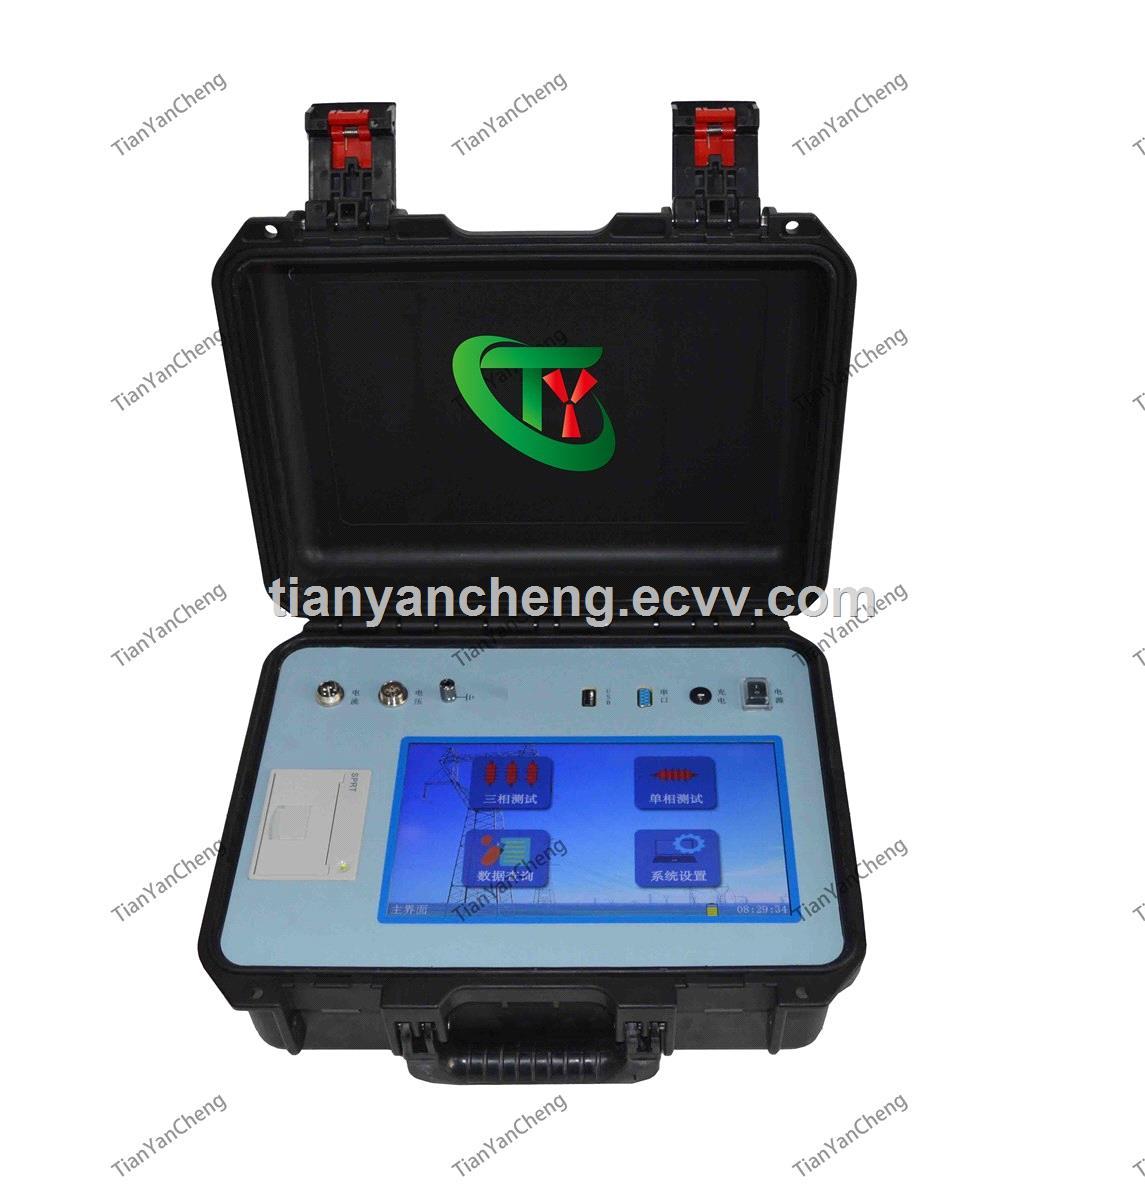 TY6630 Zinc oxide arrester tester Intelligent arrester characteristic tester Antijamming Zinc Oxide Arrester V